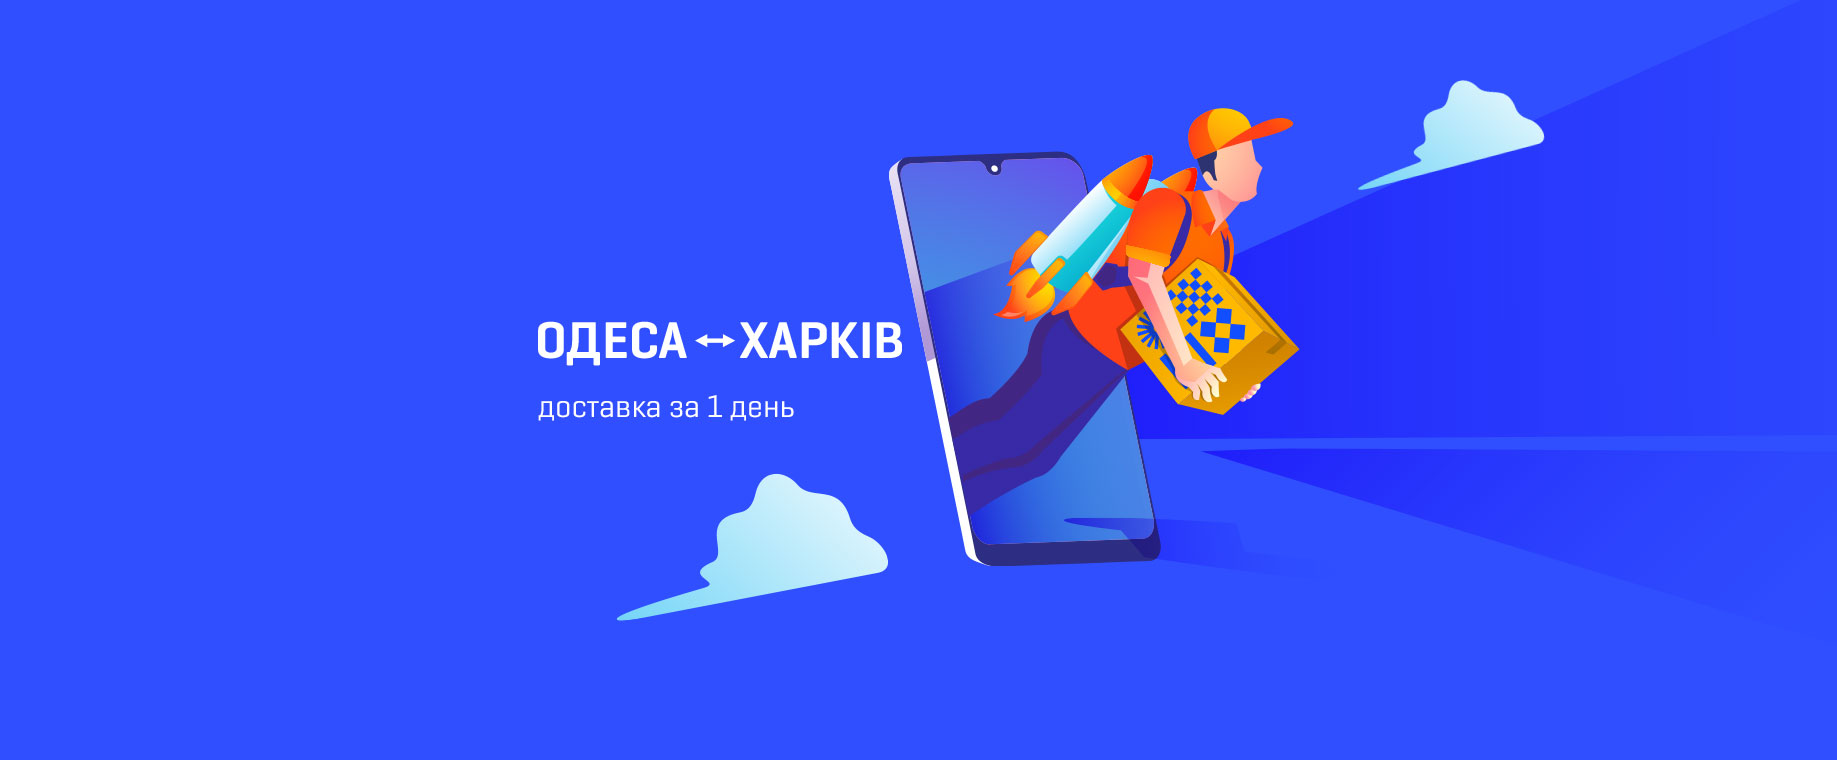 Нова ракета Одеса-Харків запущена!